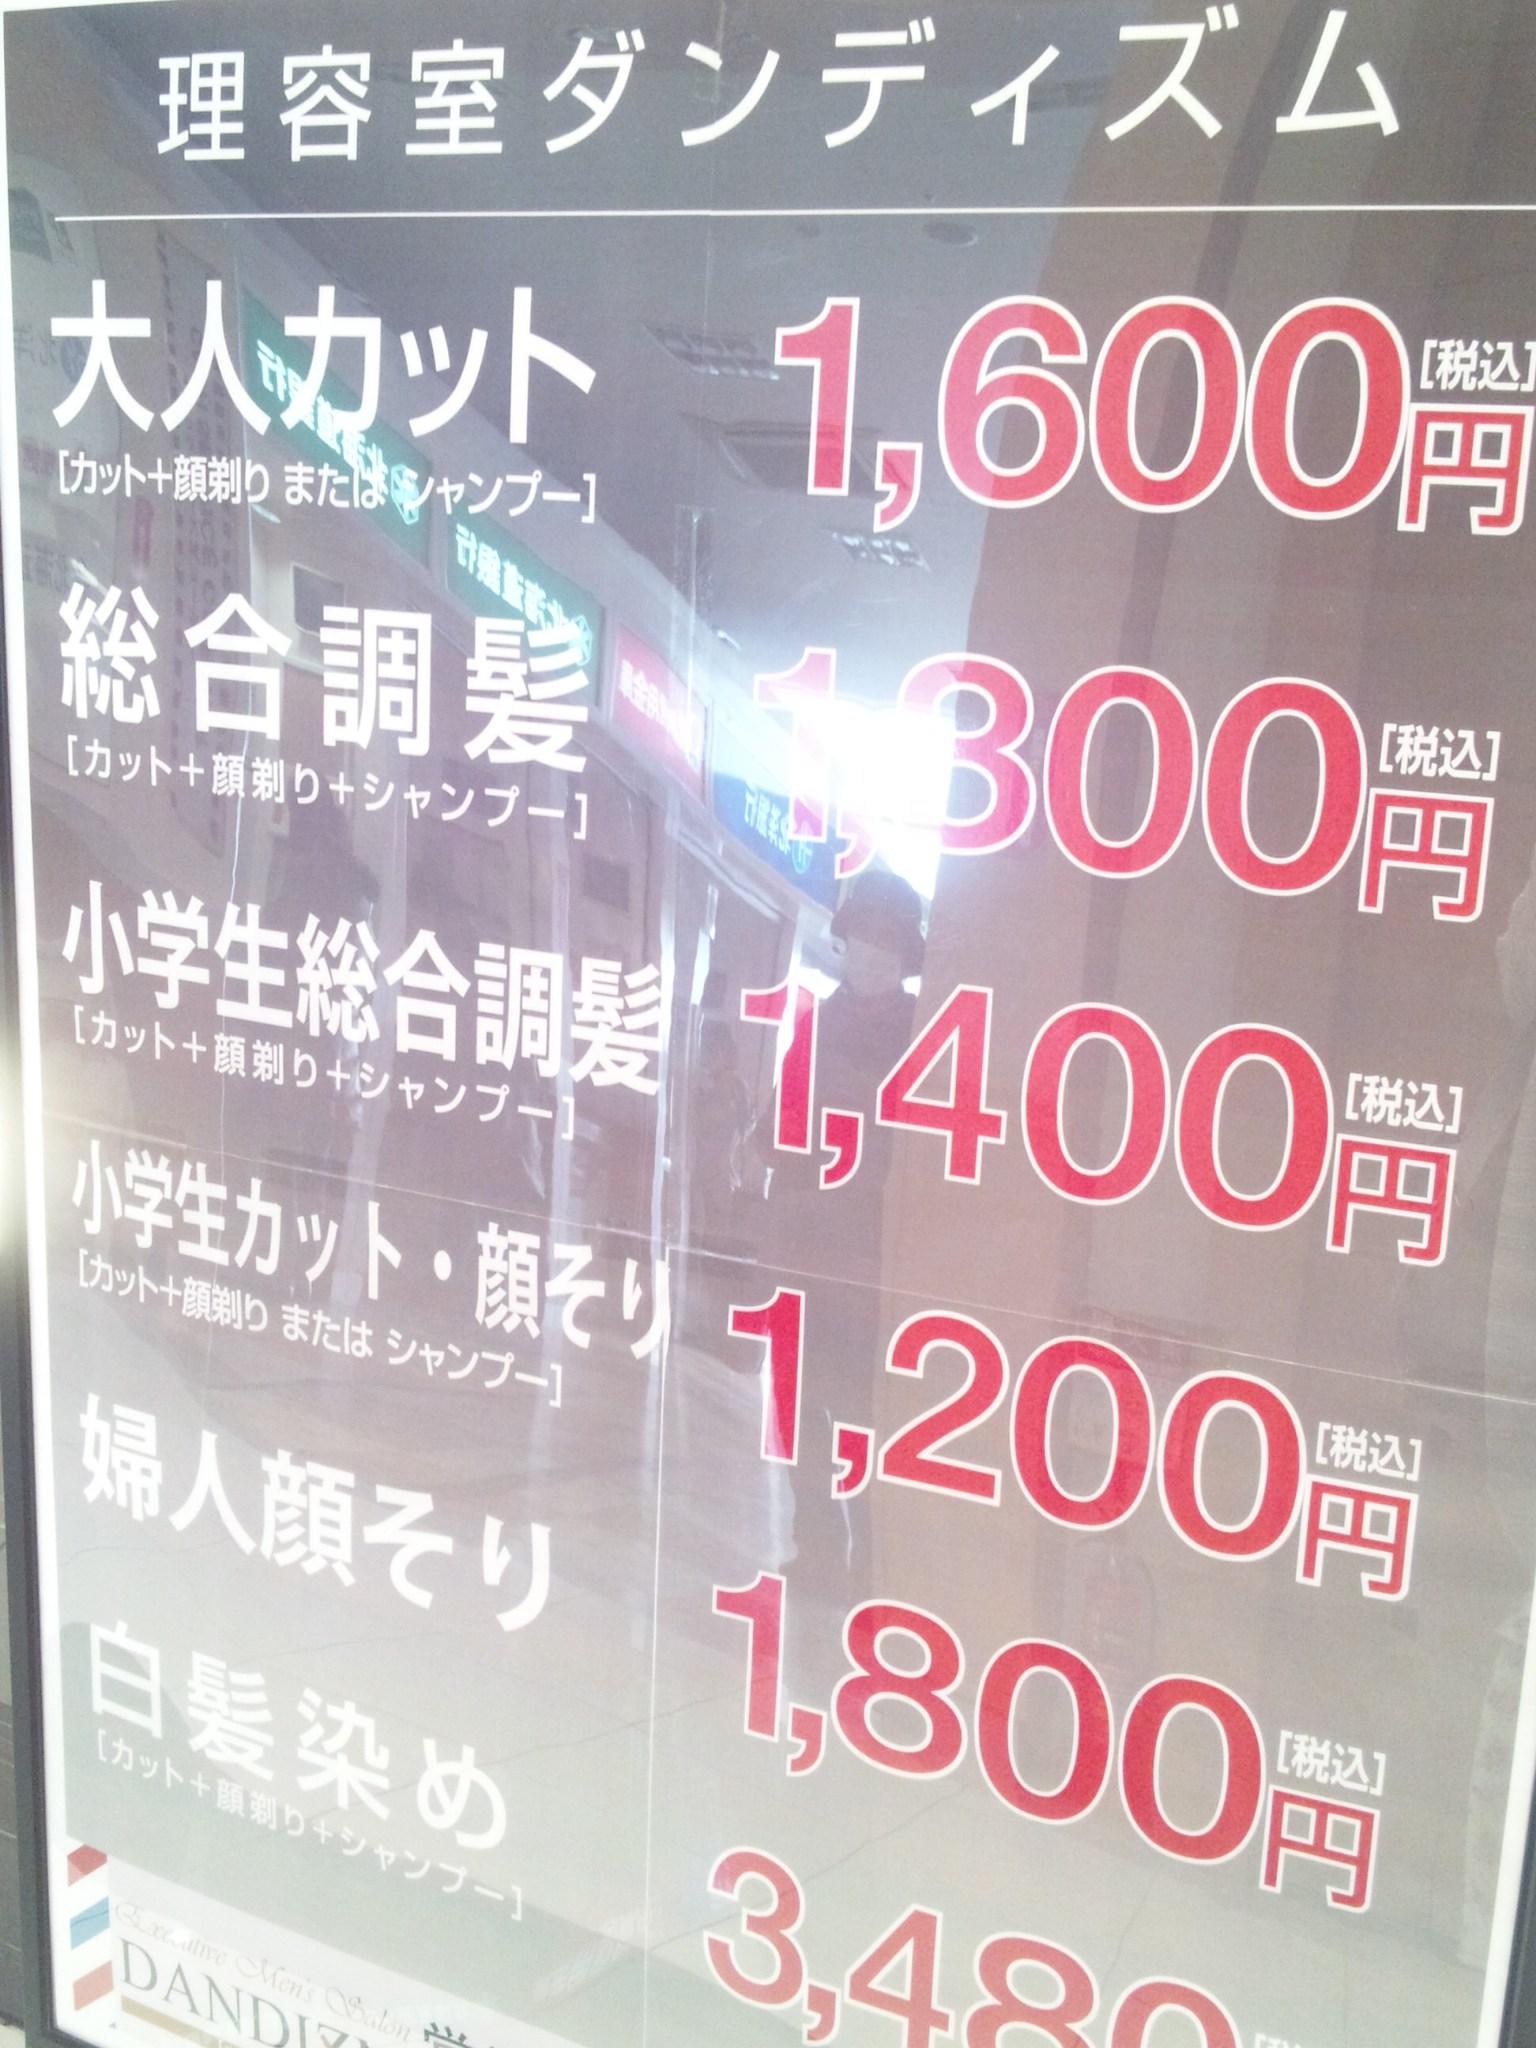 20141228140006762.jpg